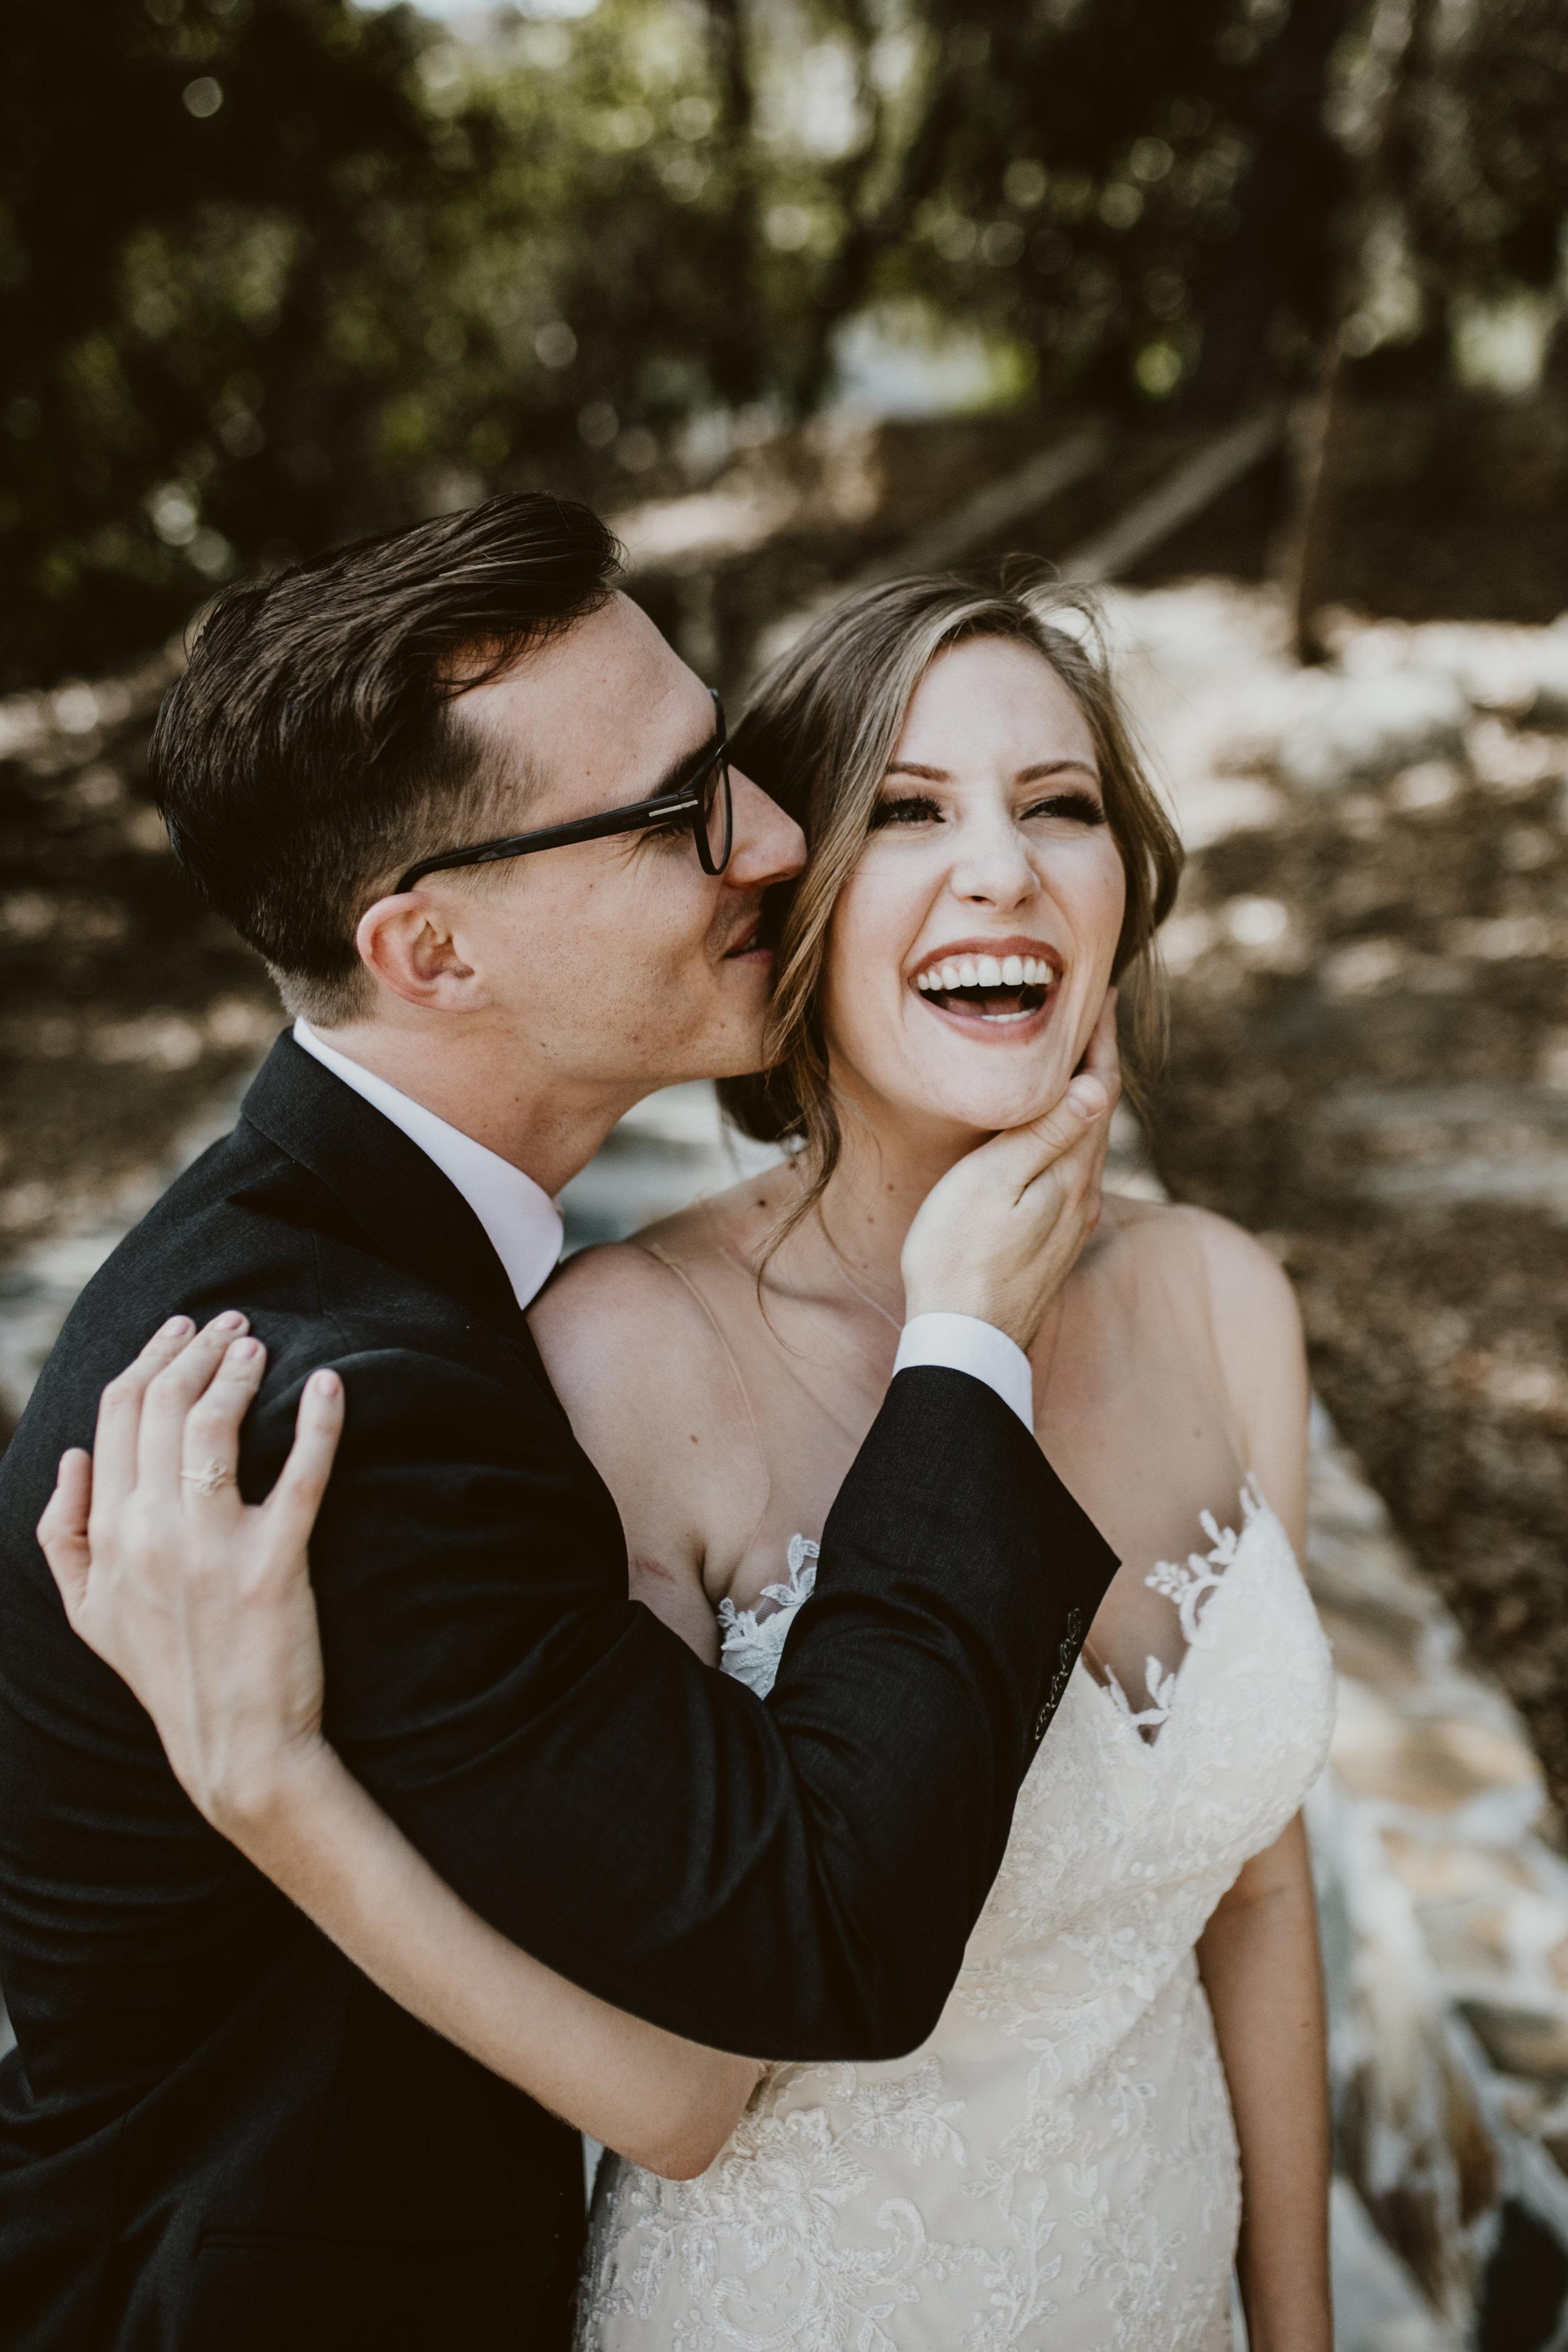 Temecula_Amy+Curt_Wedding_4.jpg